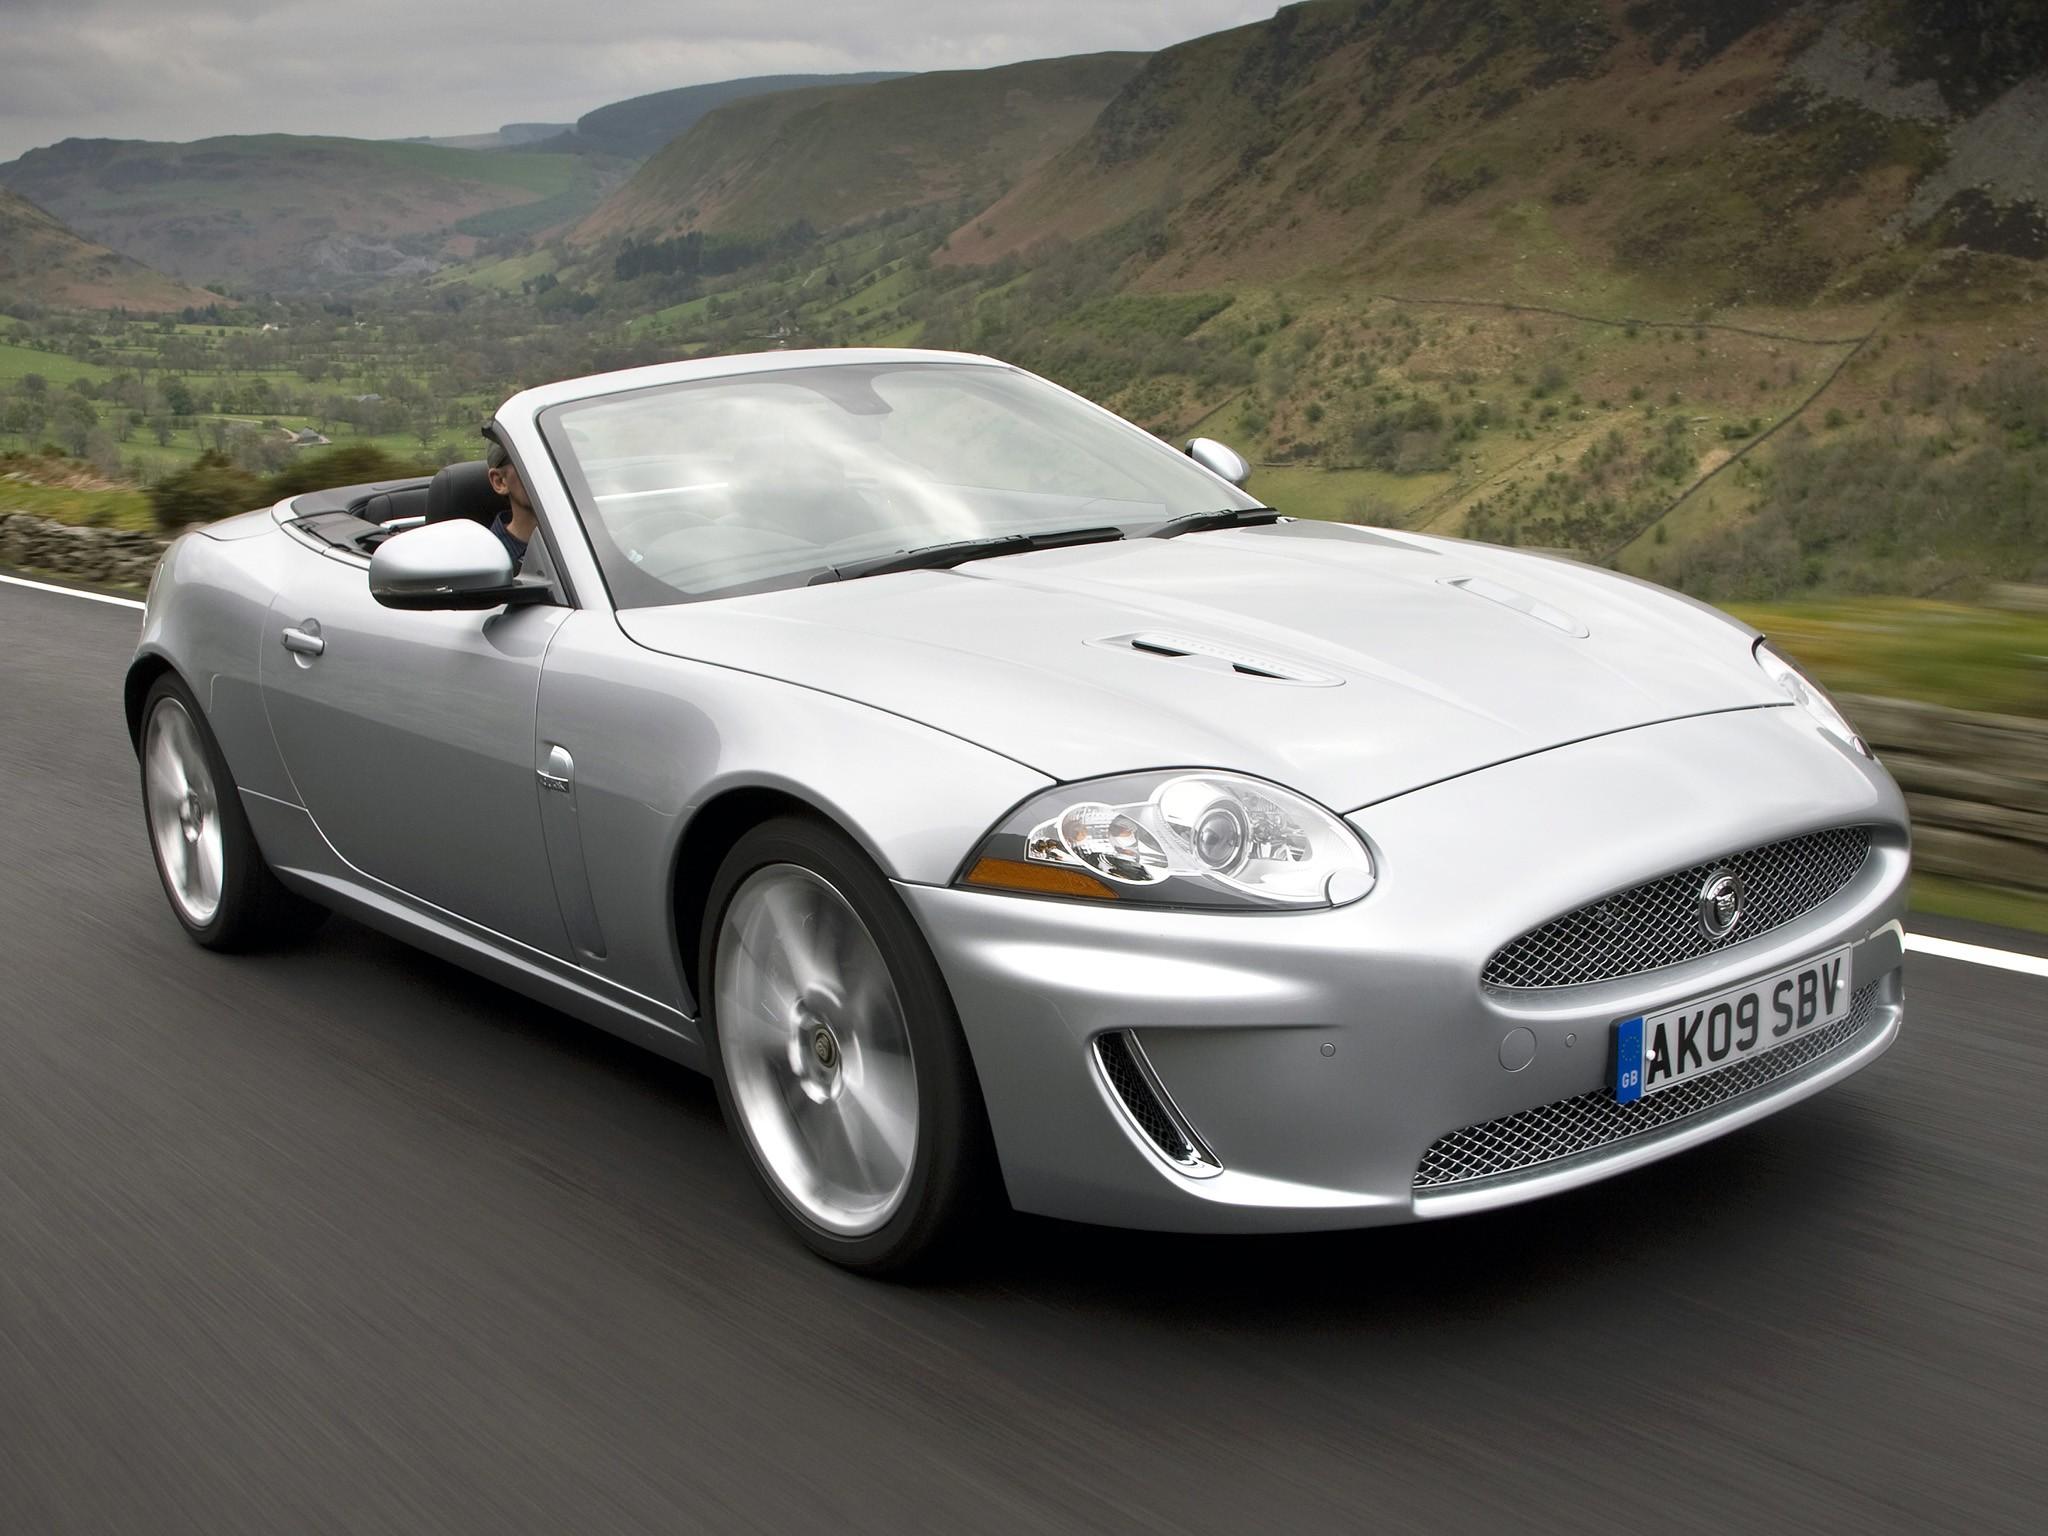 xk ratings jaguar news msrp convertible with reviews